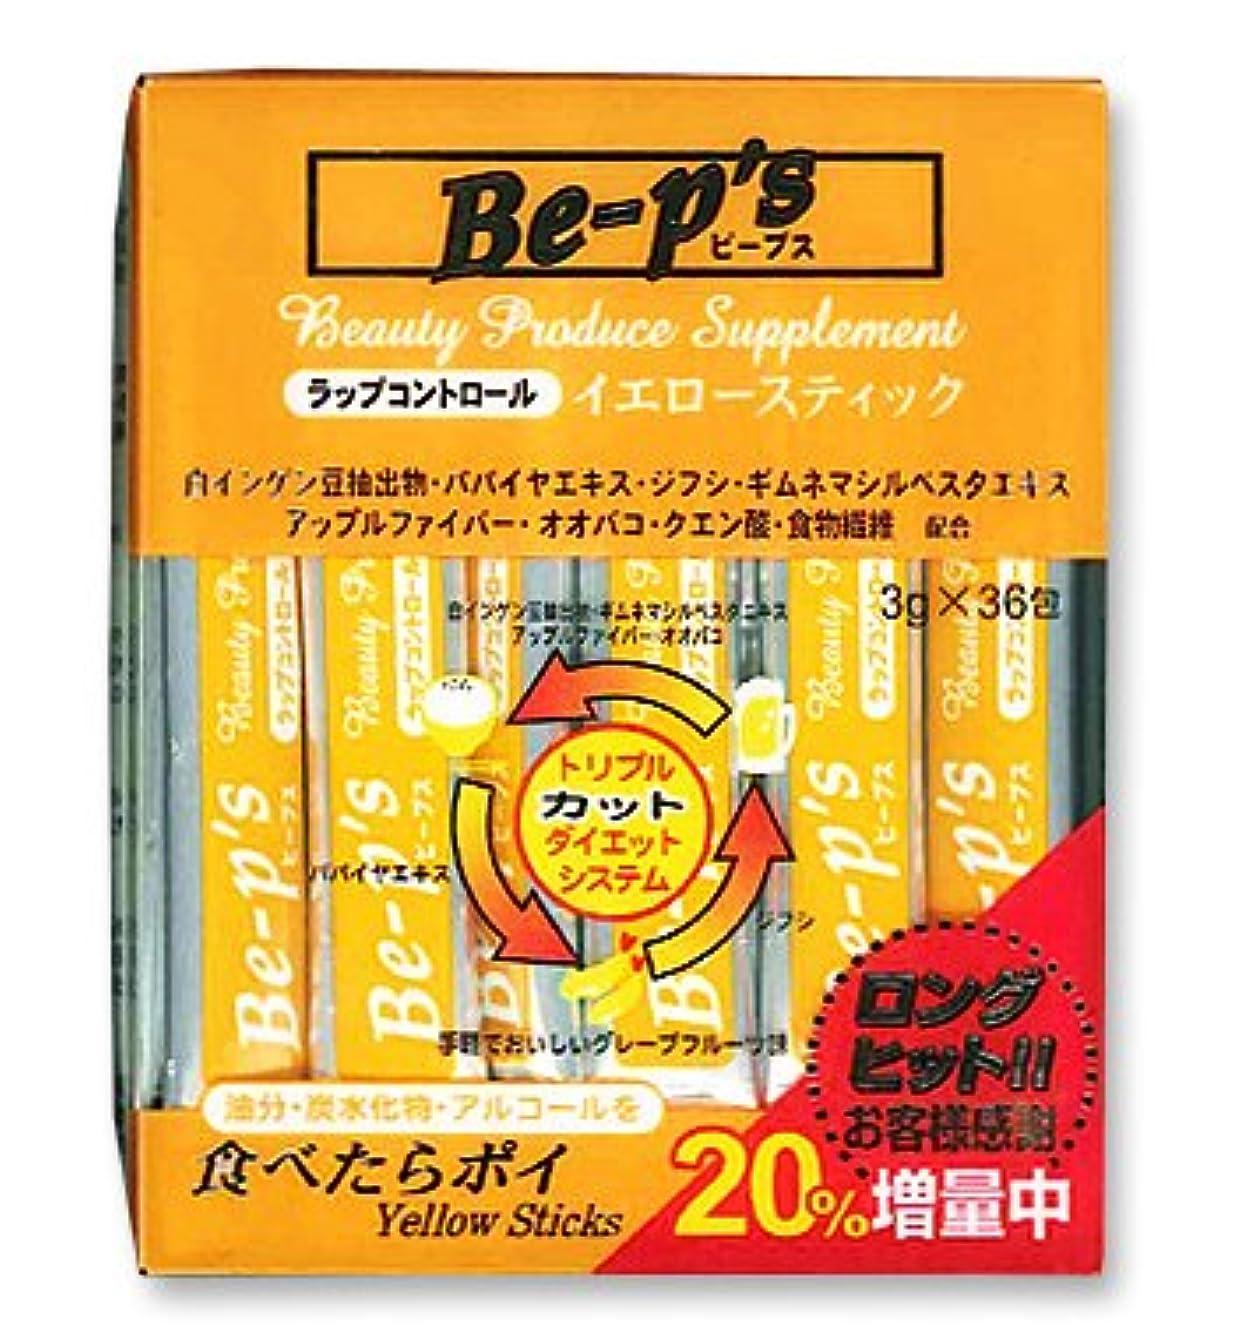 怒っているレモン酸ジャパンギャルズSC アスティ ビープス Be-Ps イエロー 20%増量 Be-P's×30個セット